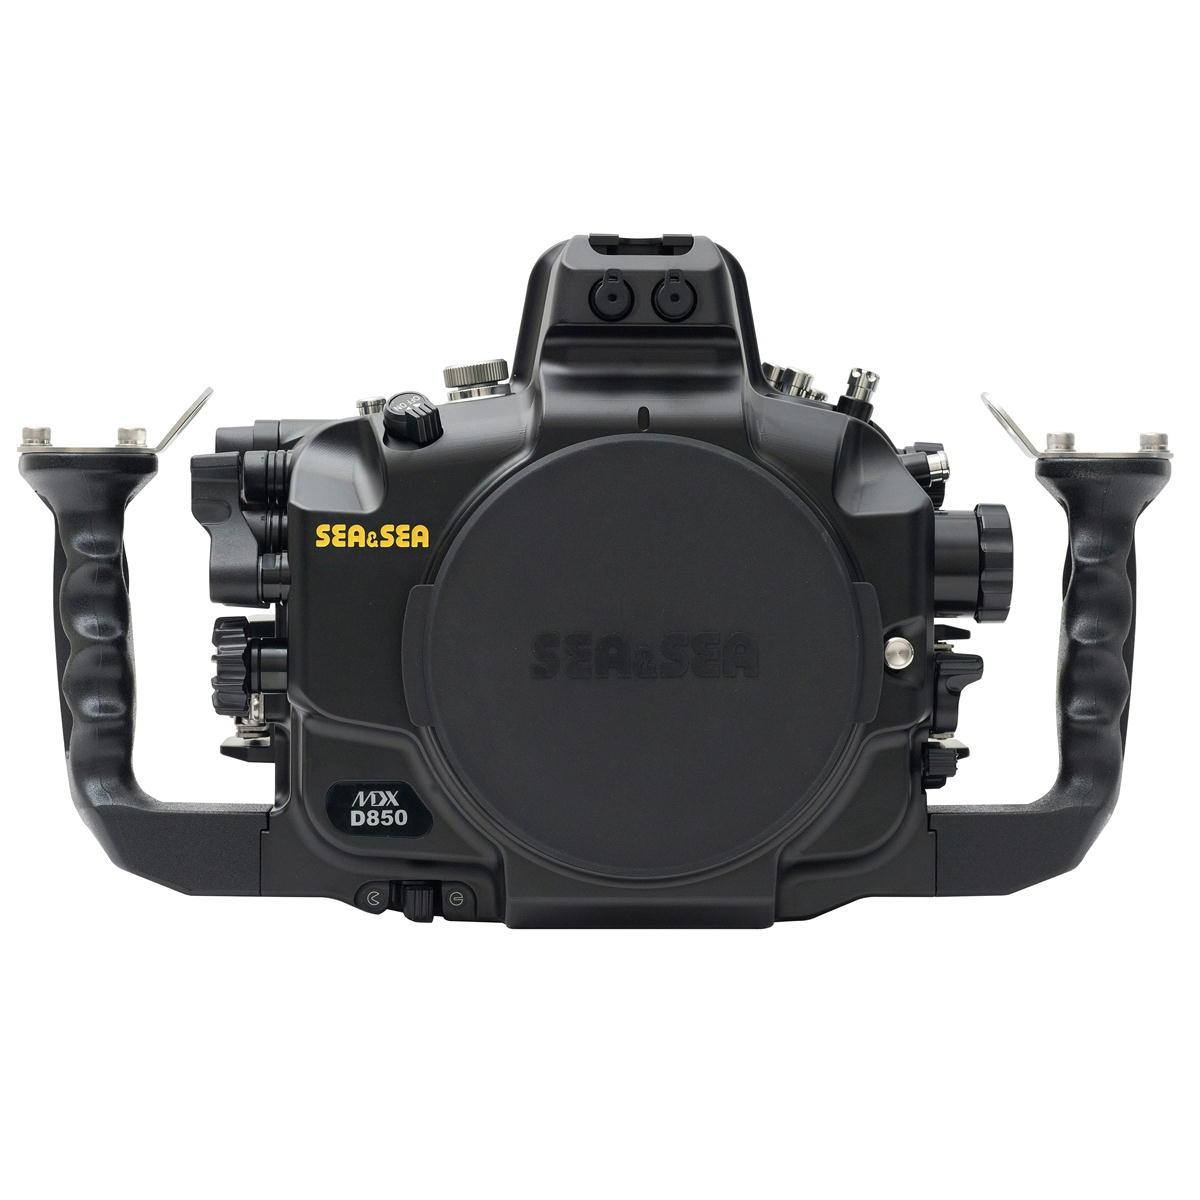 MDX-D850 | ニコン 一眼レフカメラ D850用 SEA&SEA ハウジング